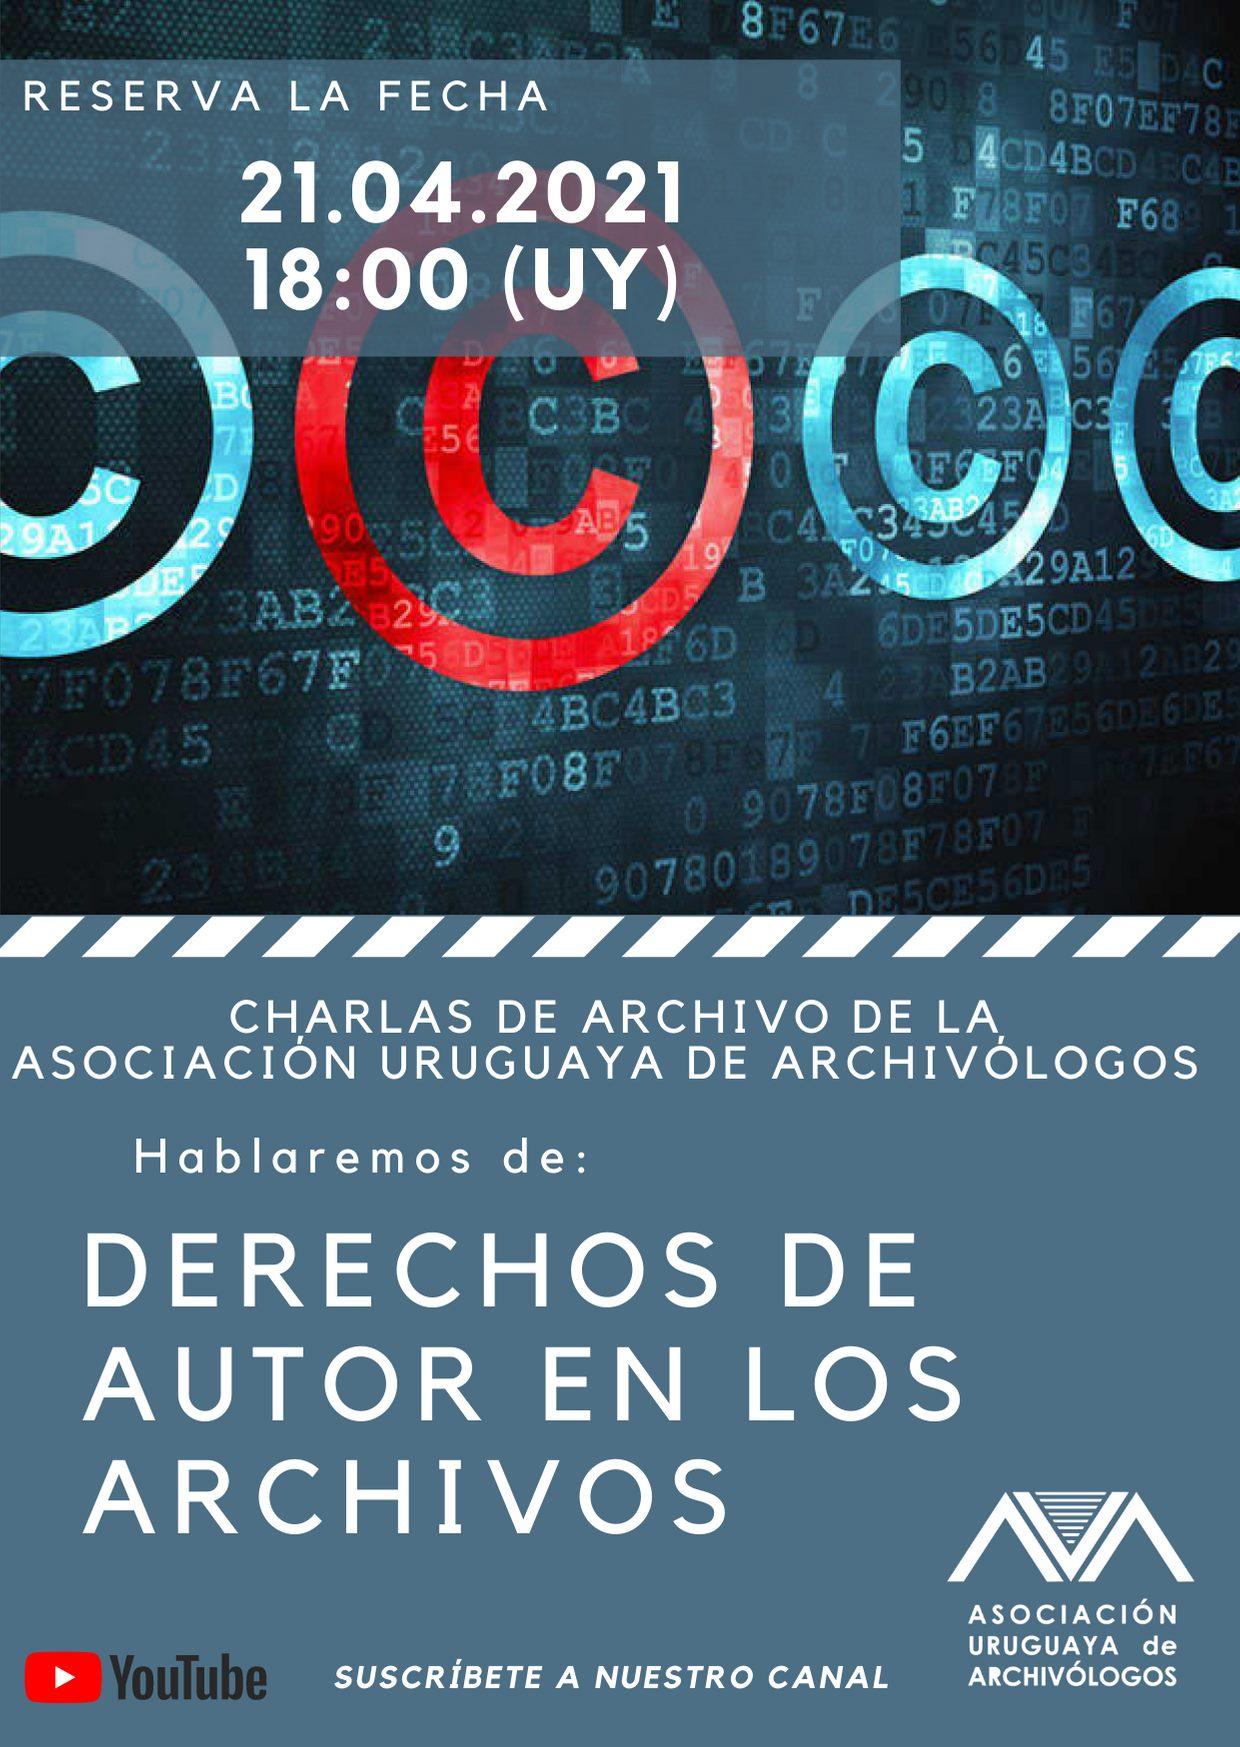 Charlas de Archivo - Derechos de Autor en losArchivos